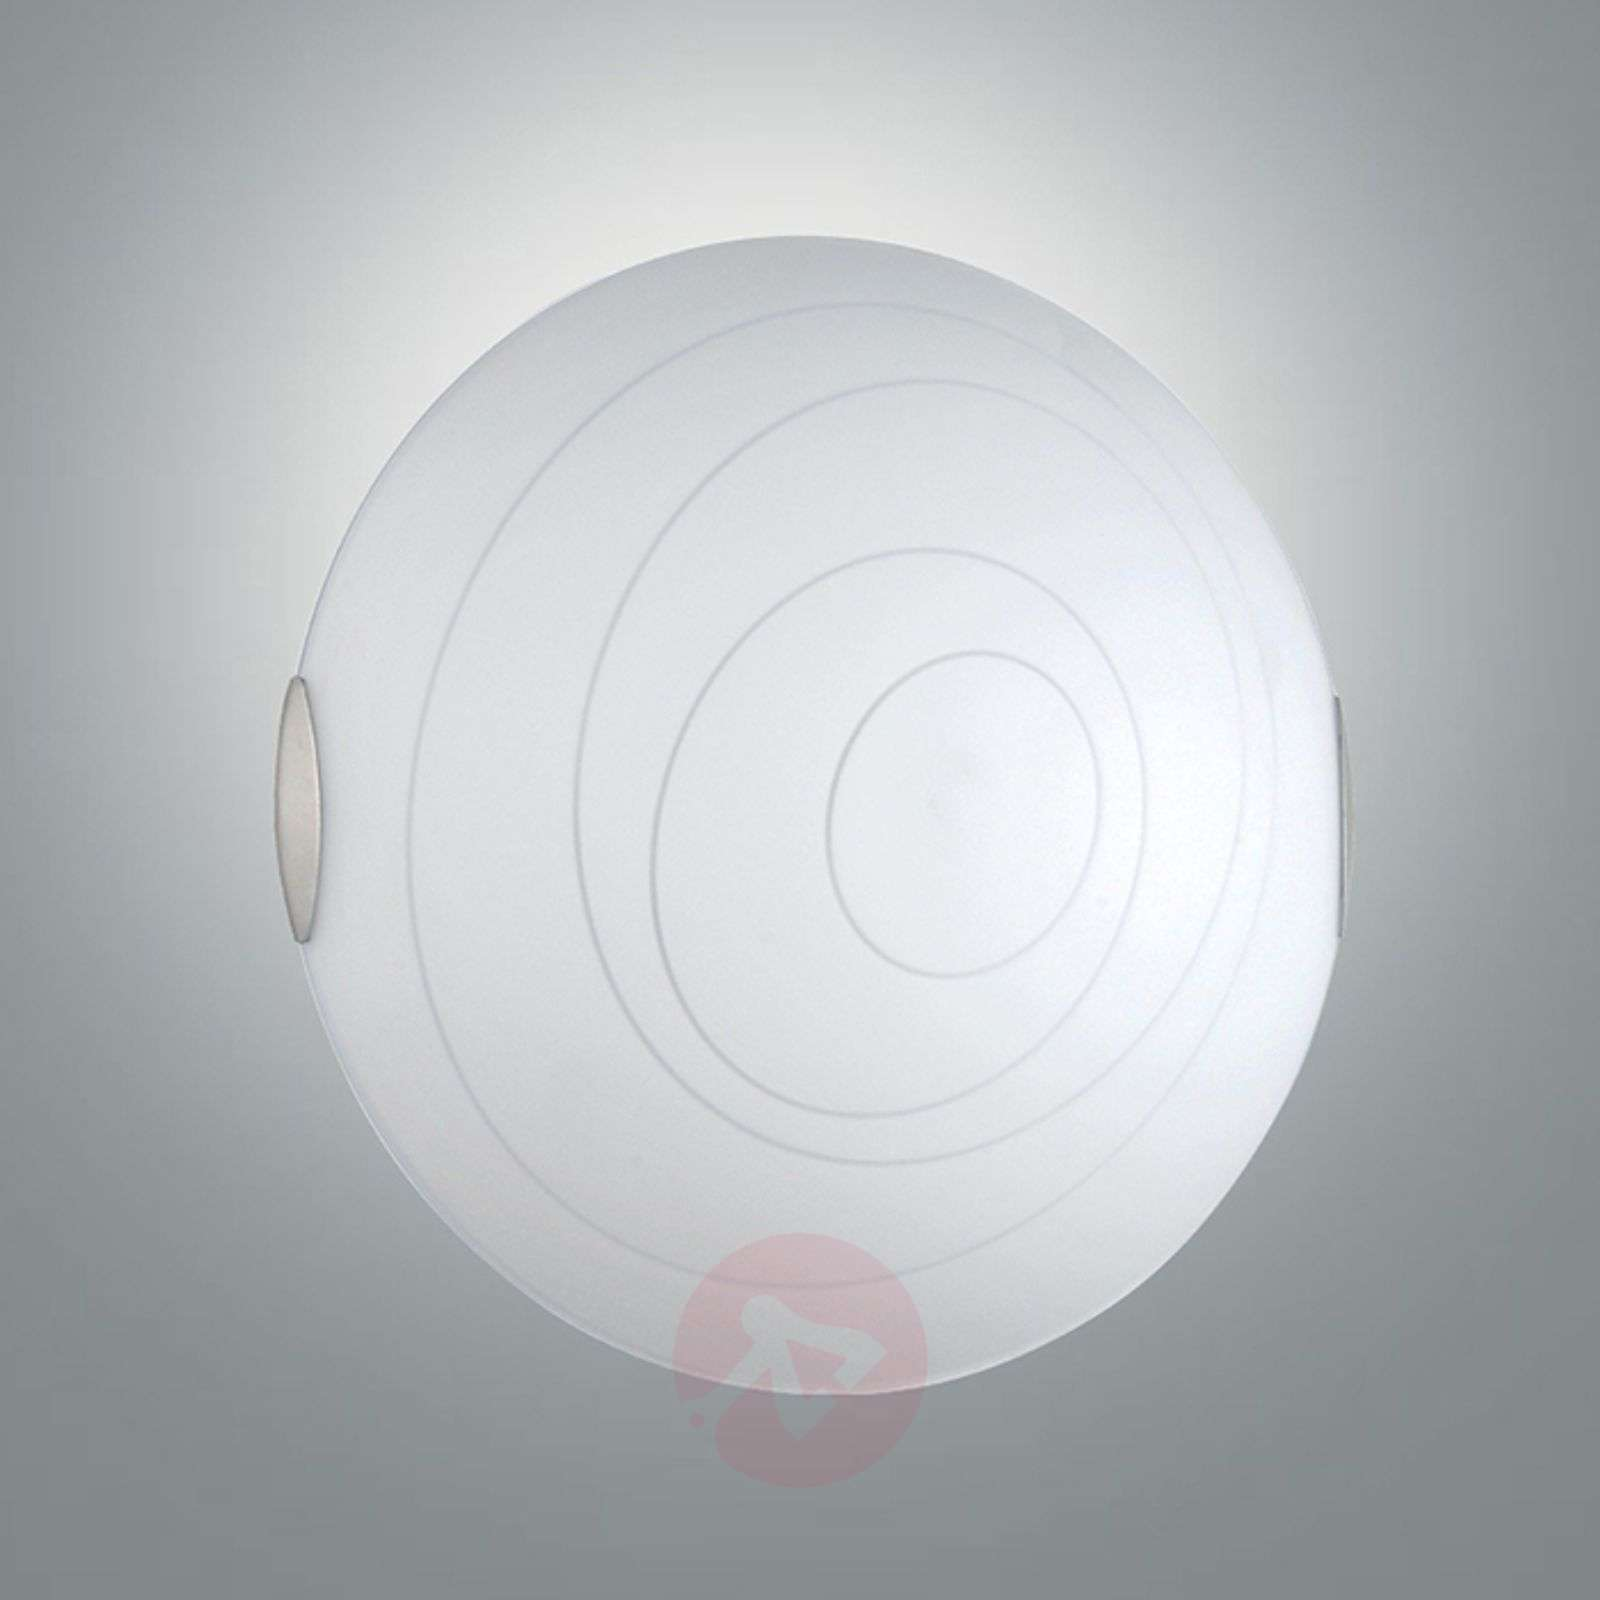 LED-kattovalaisin Kent, 40 cm, neutraali valkoinen-3501825-01